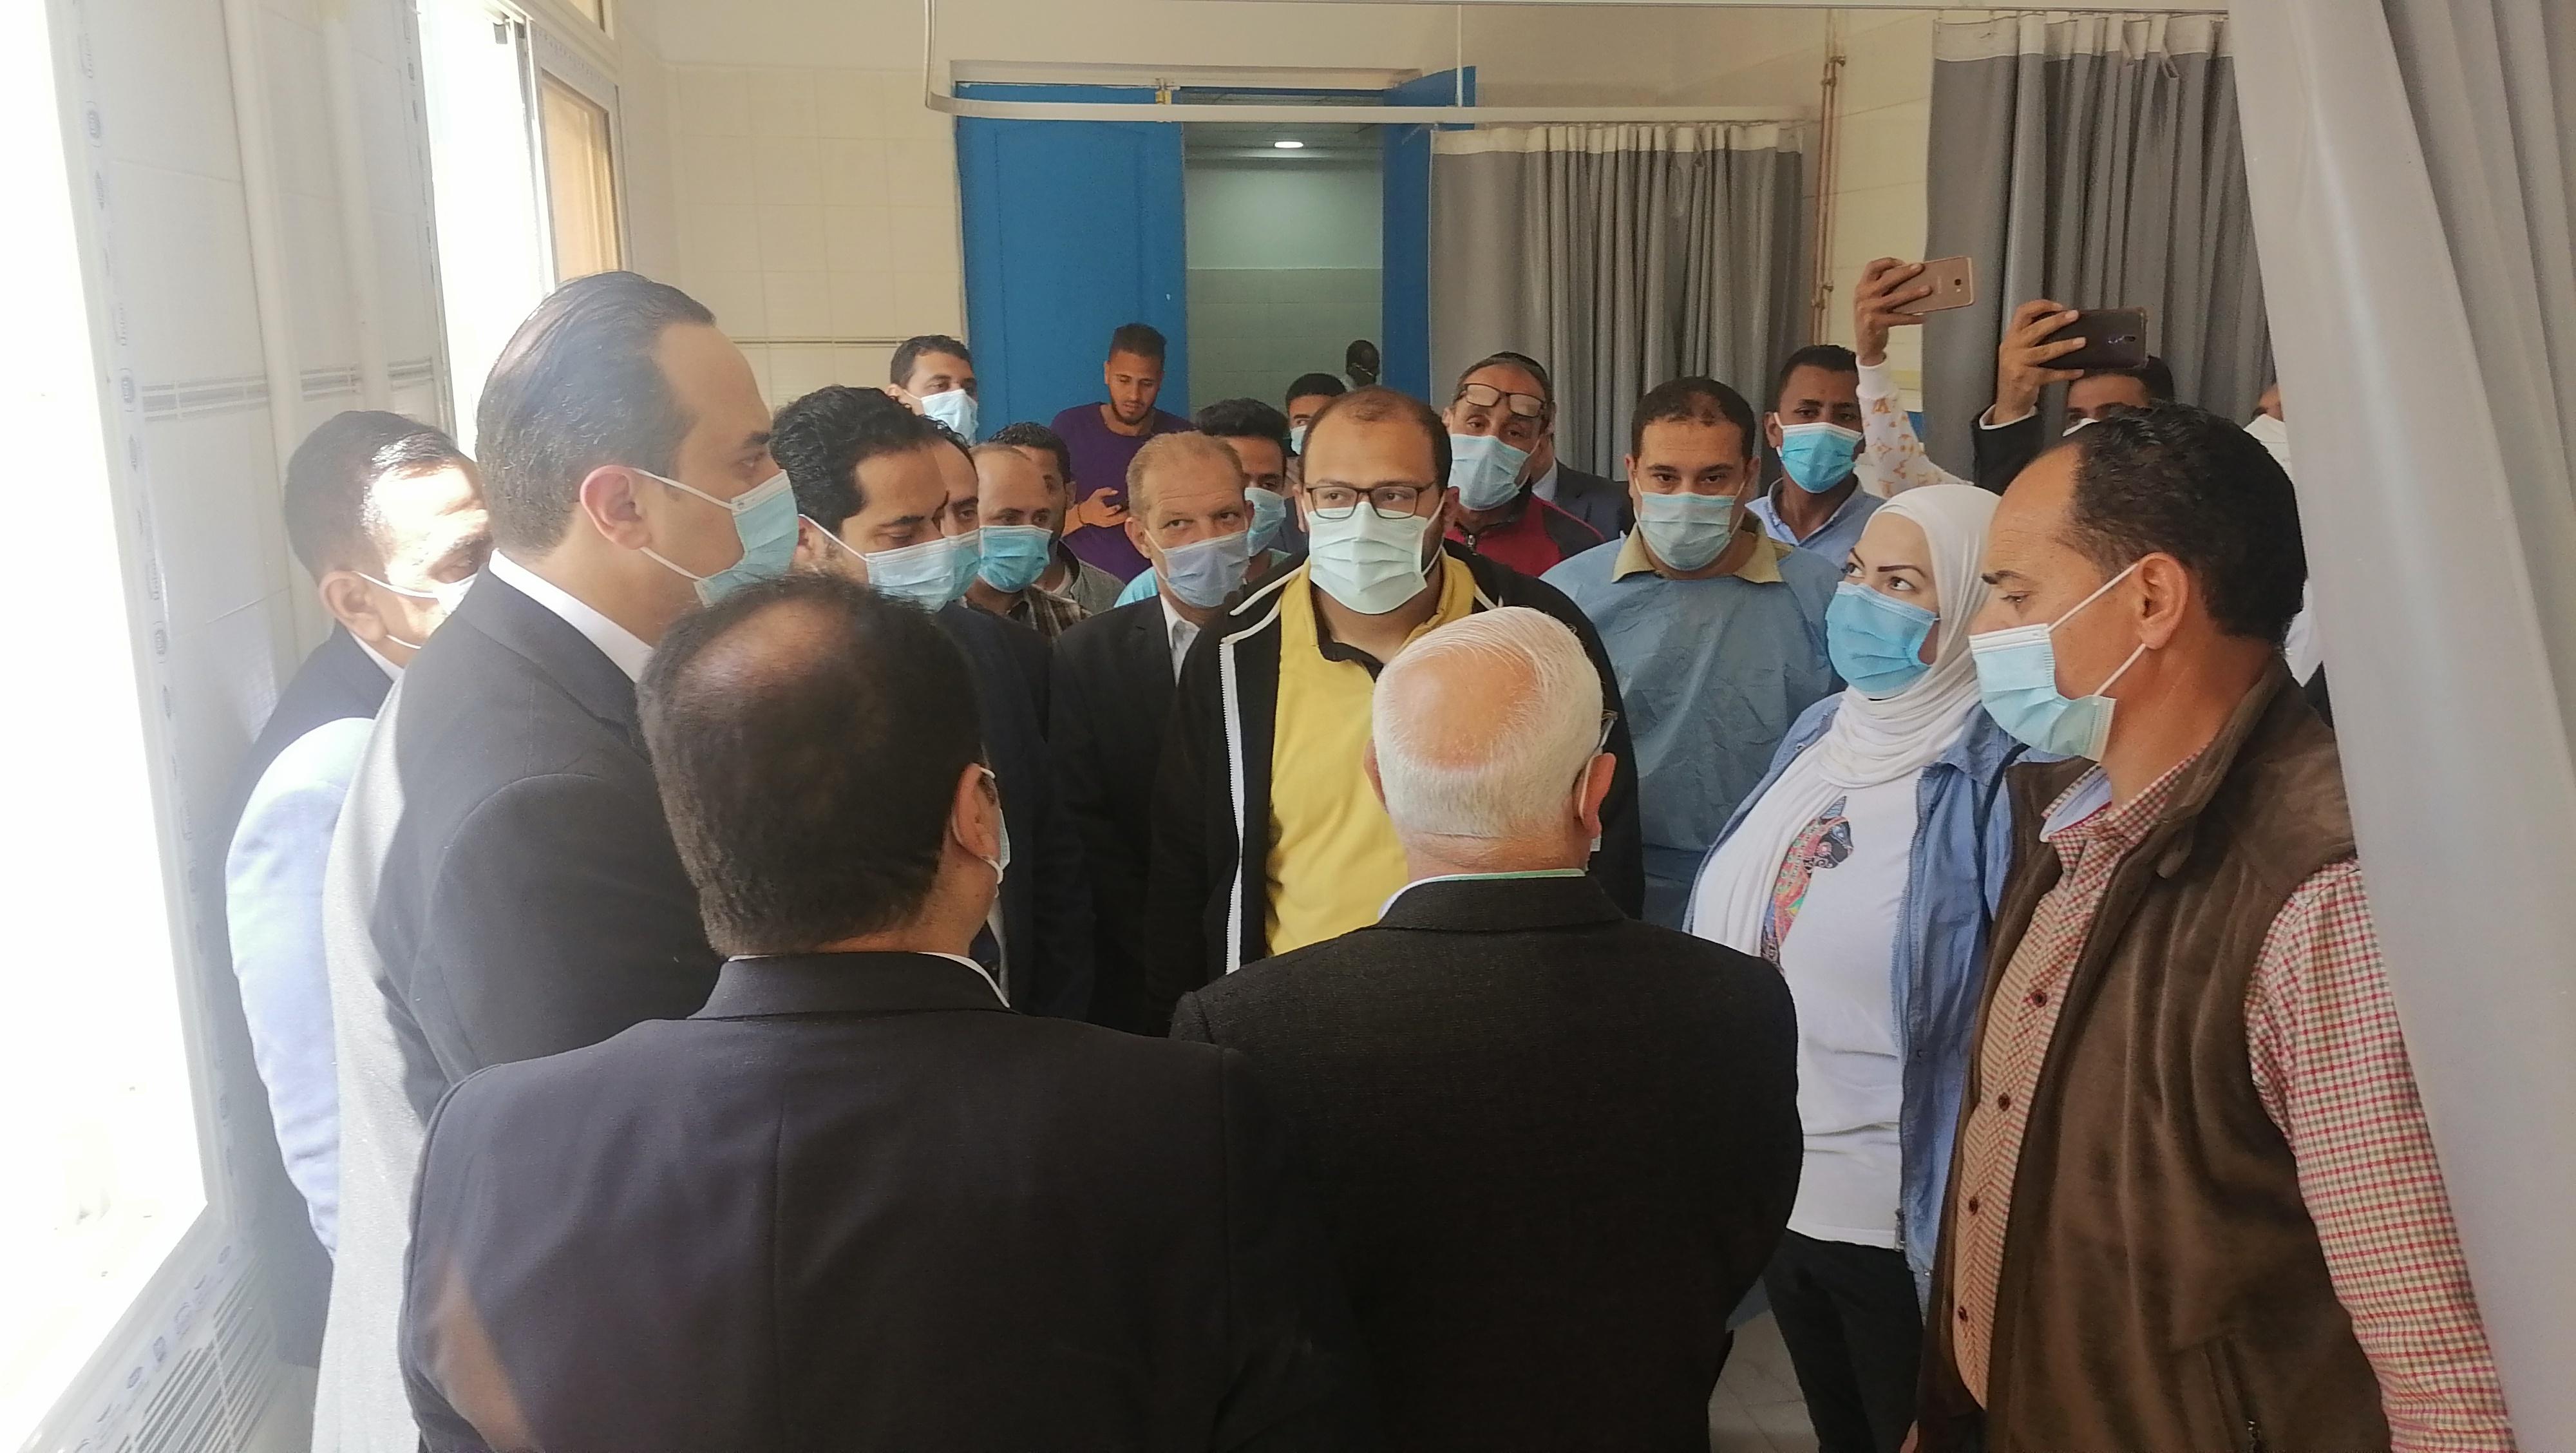 خلال جولة تفقدية داخل مستشفى المصح البحري